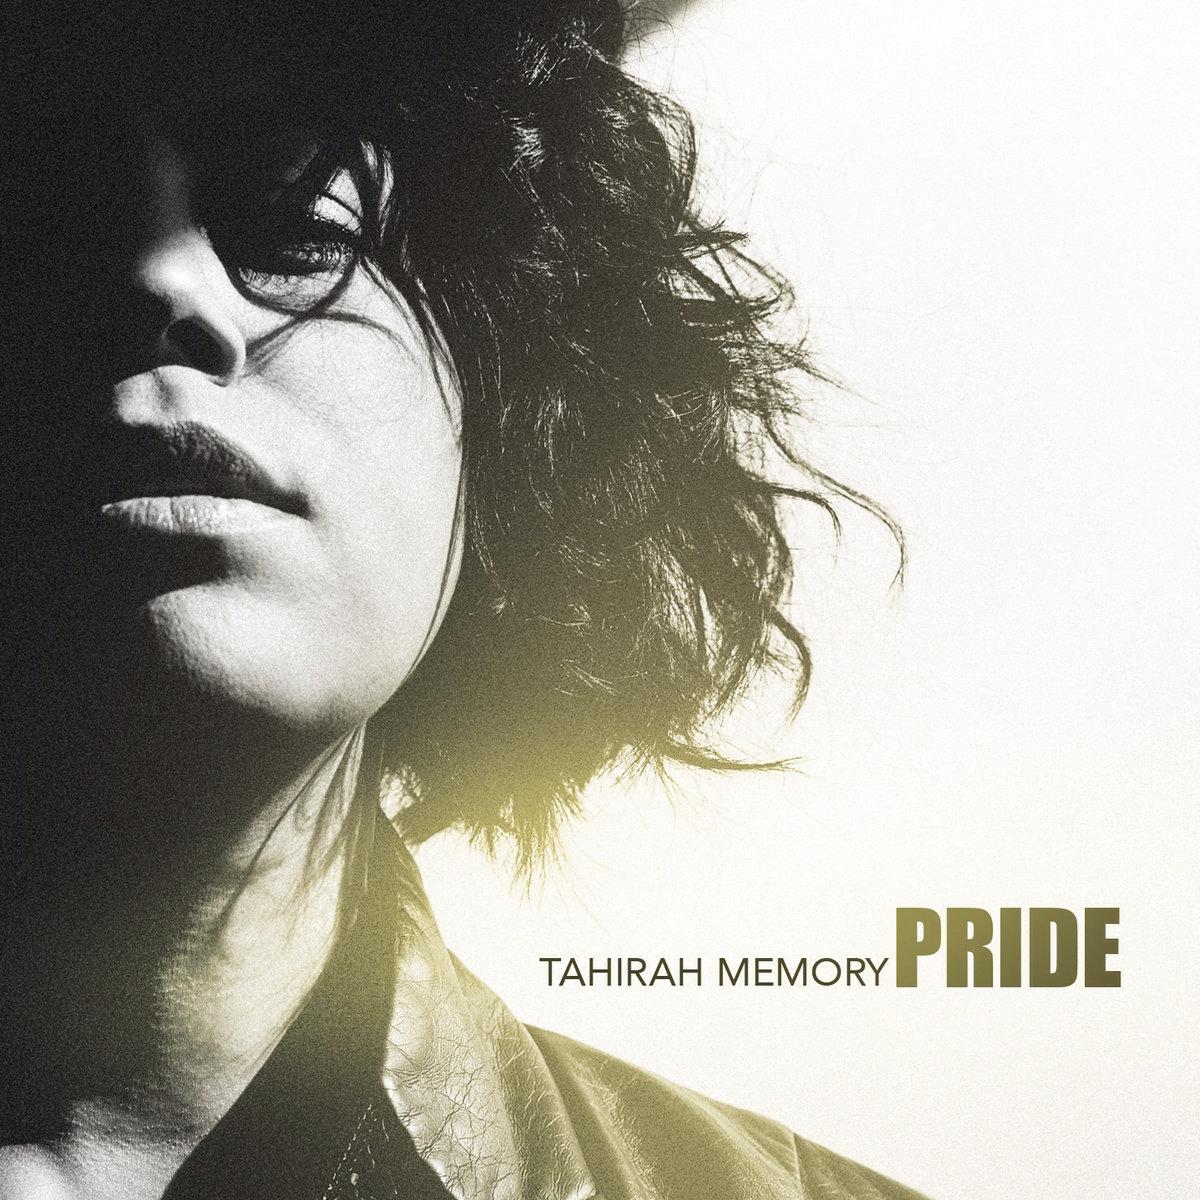 Tahirah Memory Pride